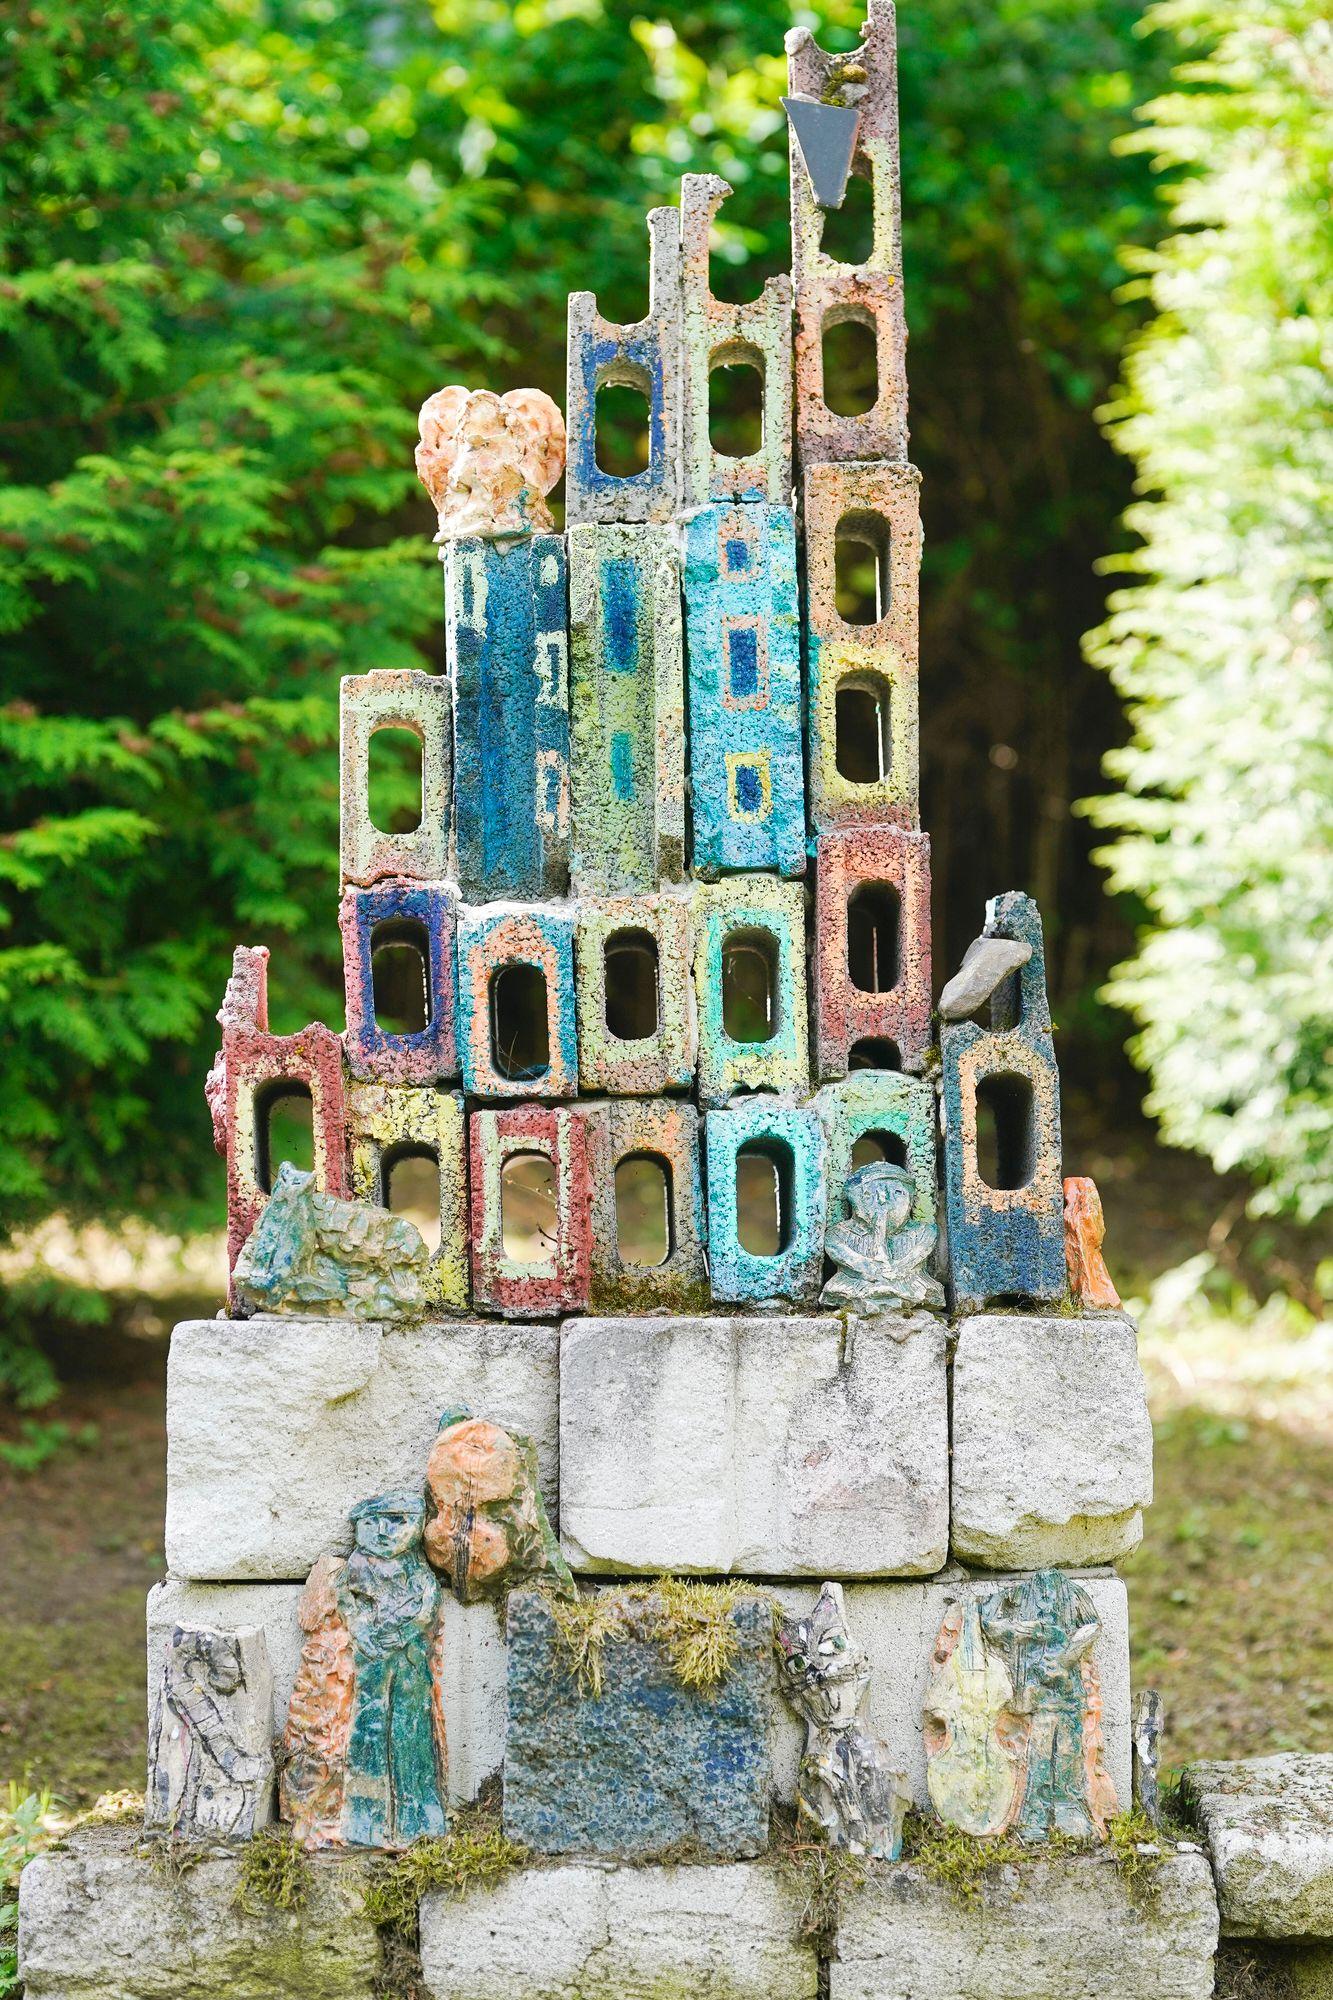 Puutarhan suojassa on monia Sarin tekemiä veistoksia. © Timo Aalto